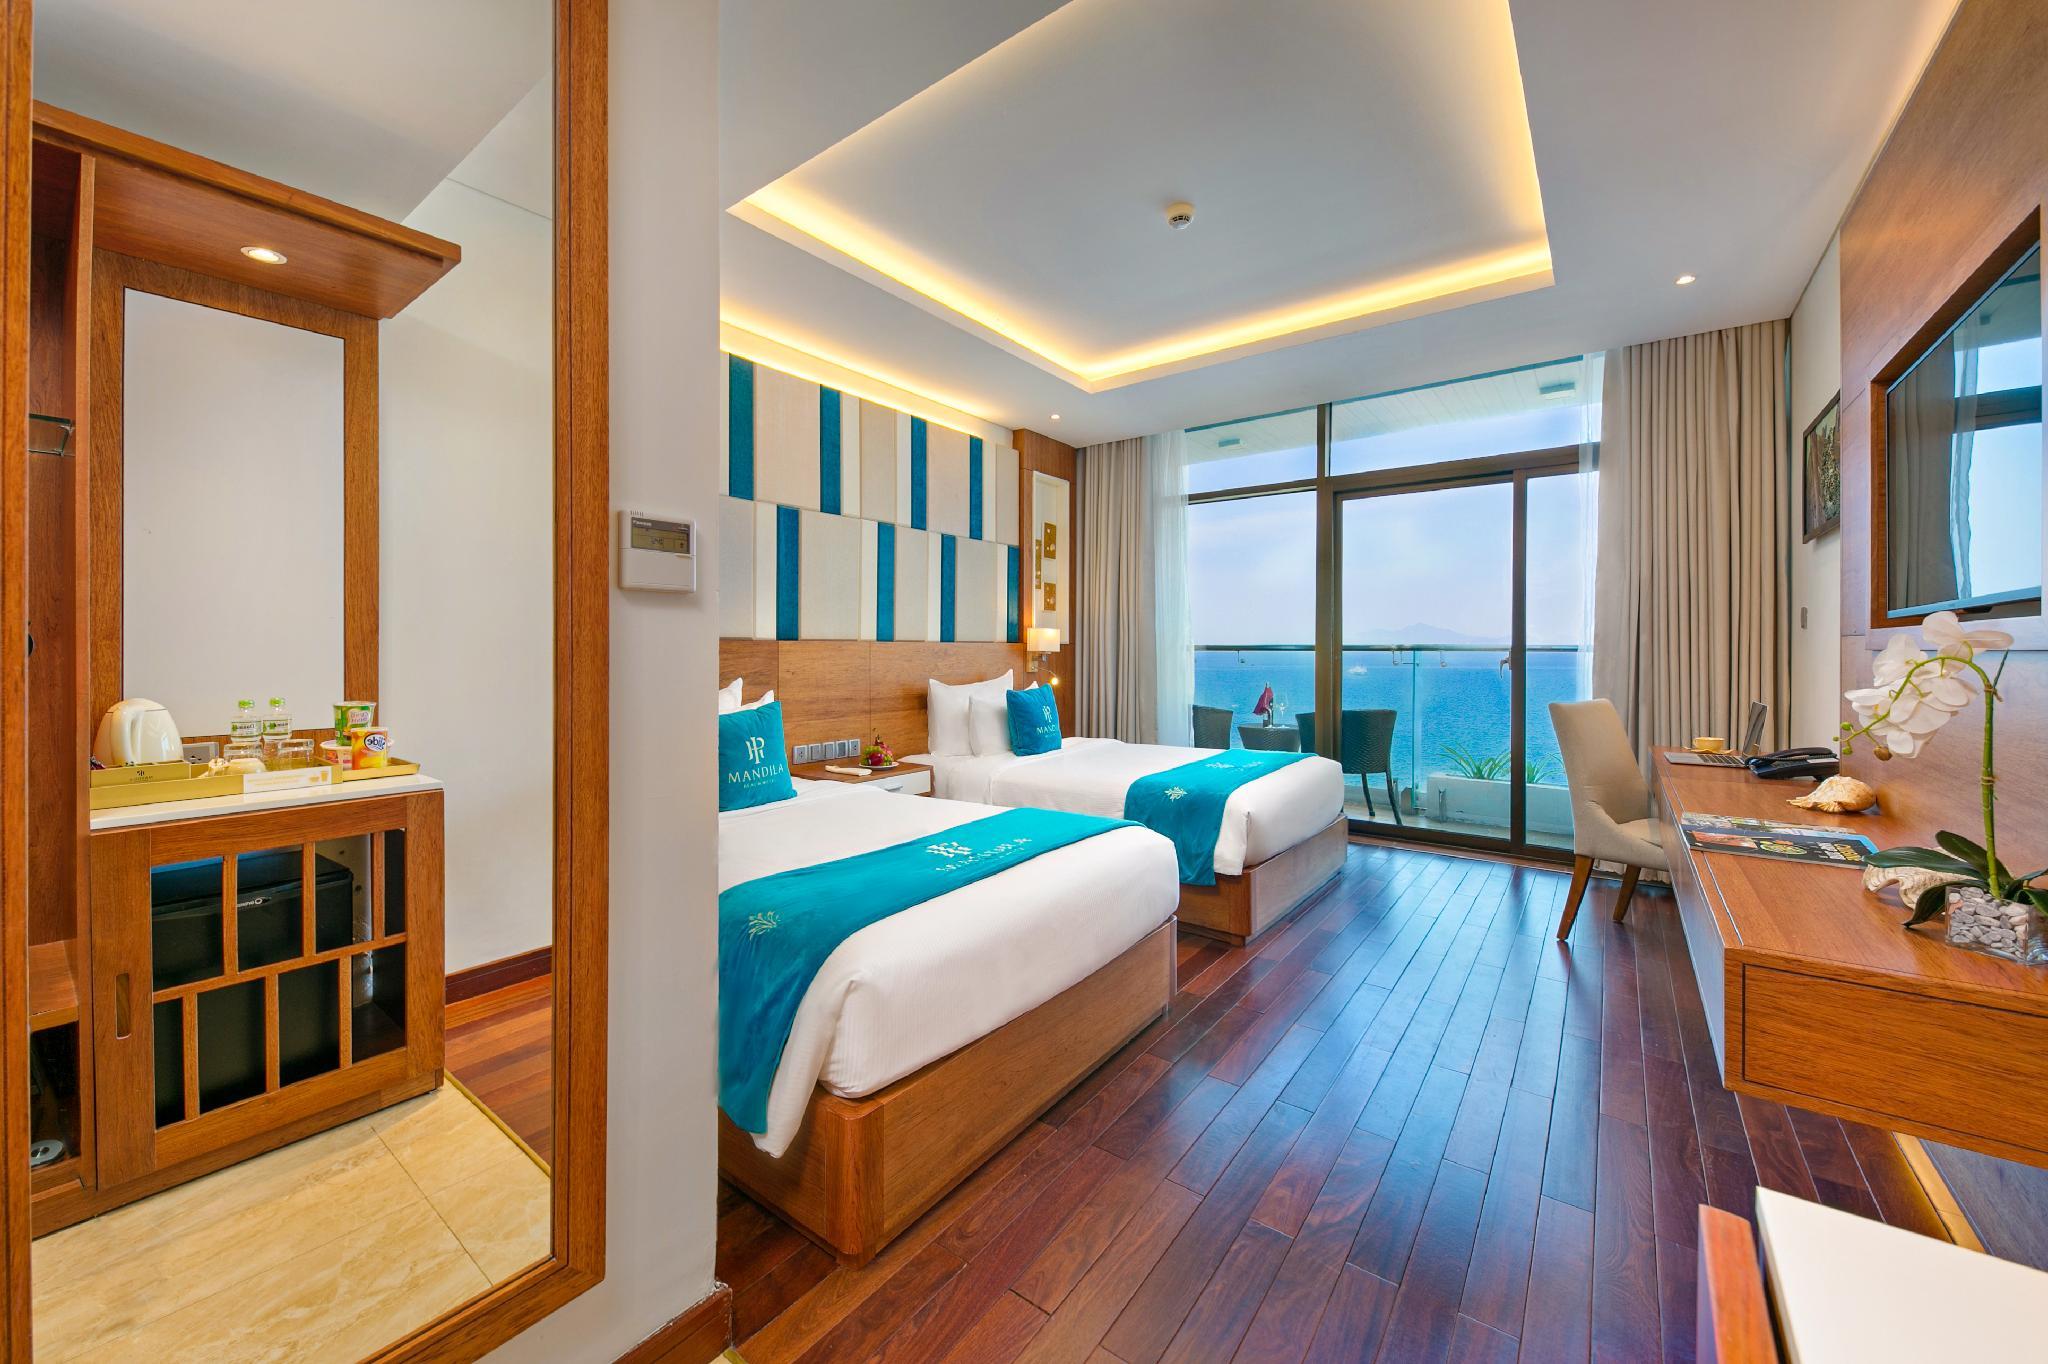 Mandila Beach Hotel duong vo nguyen giap